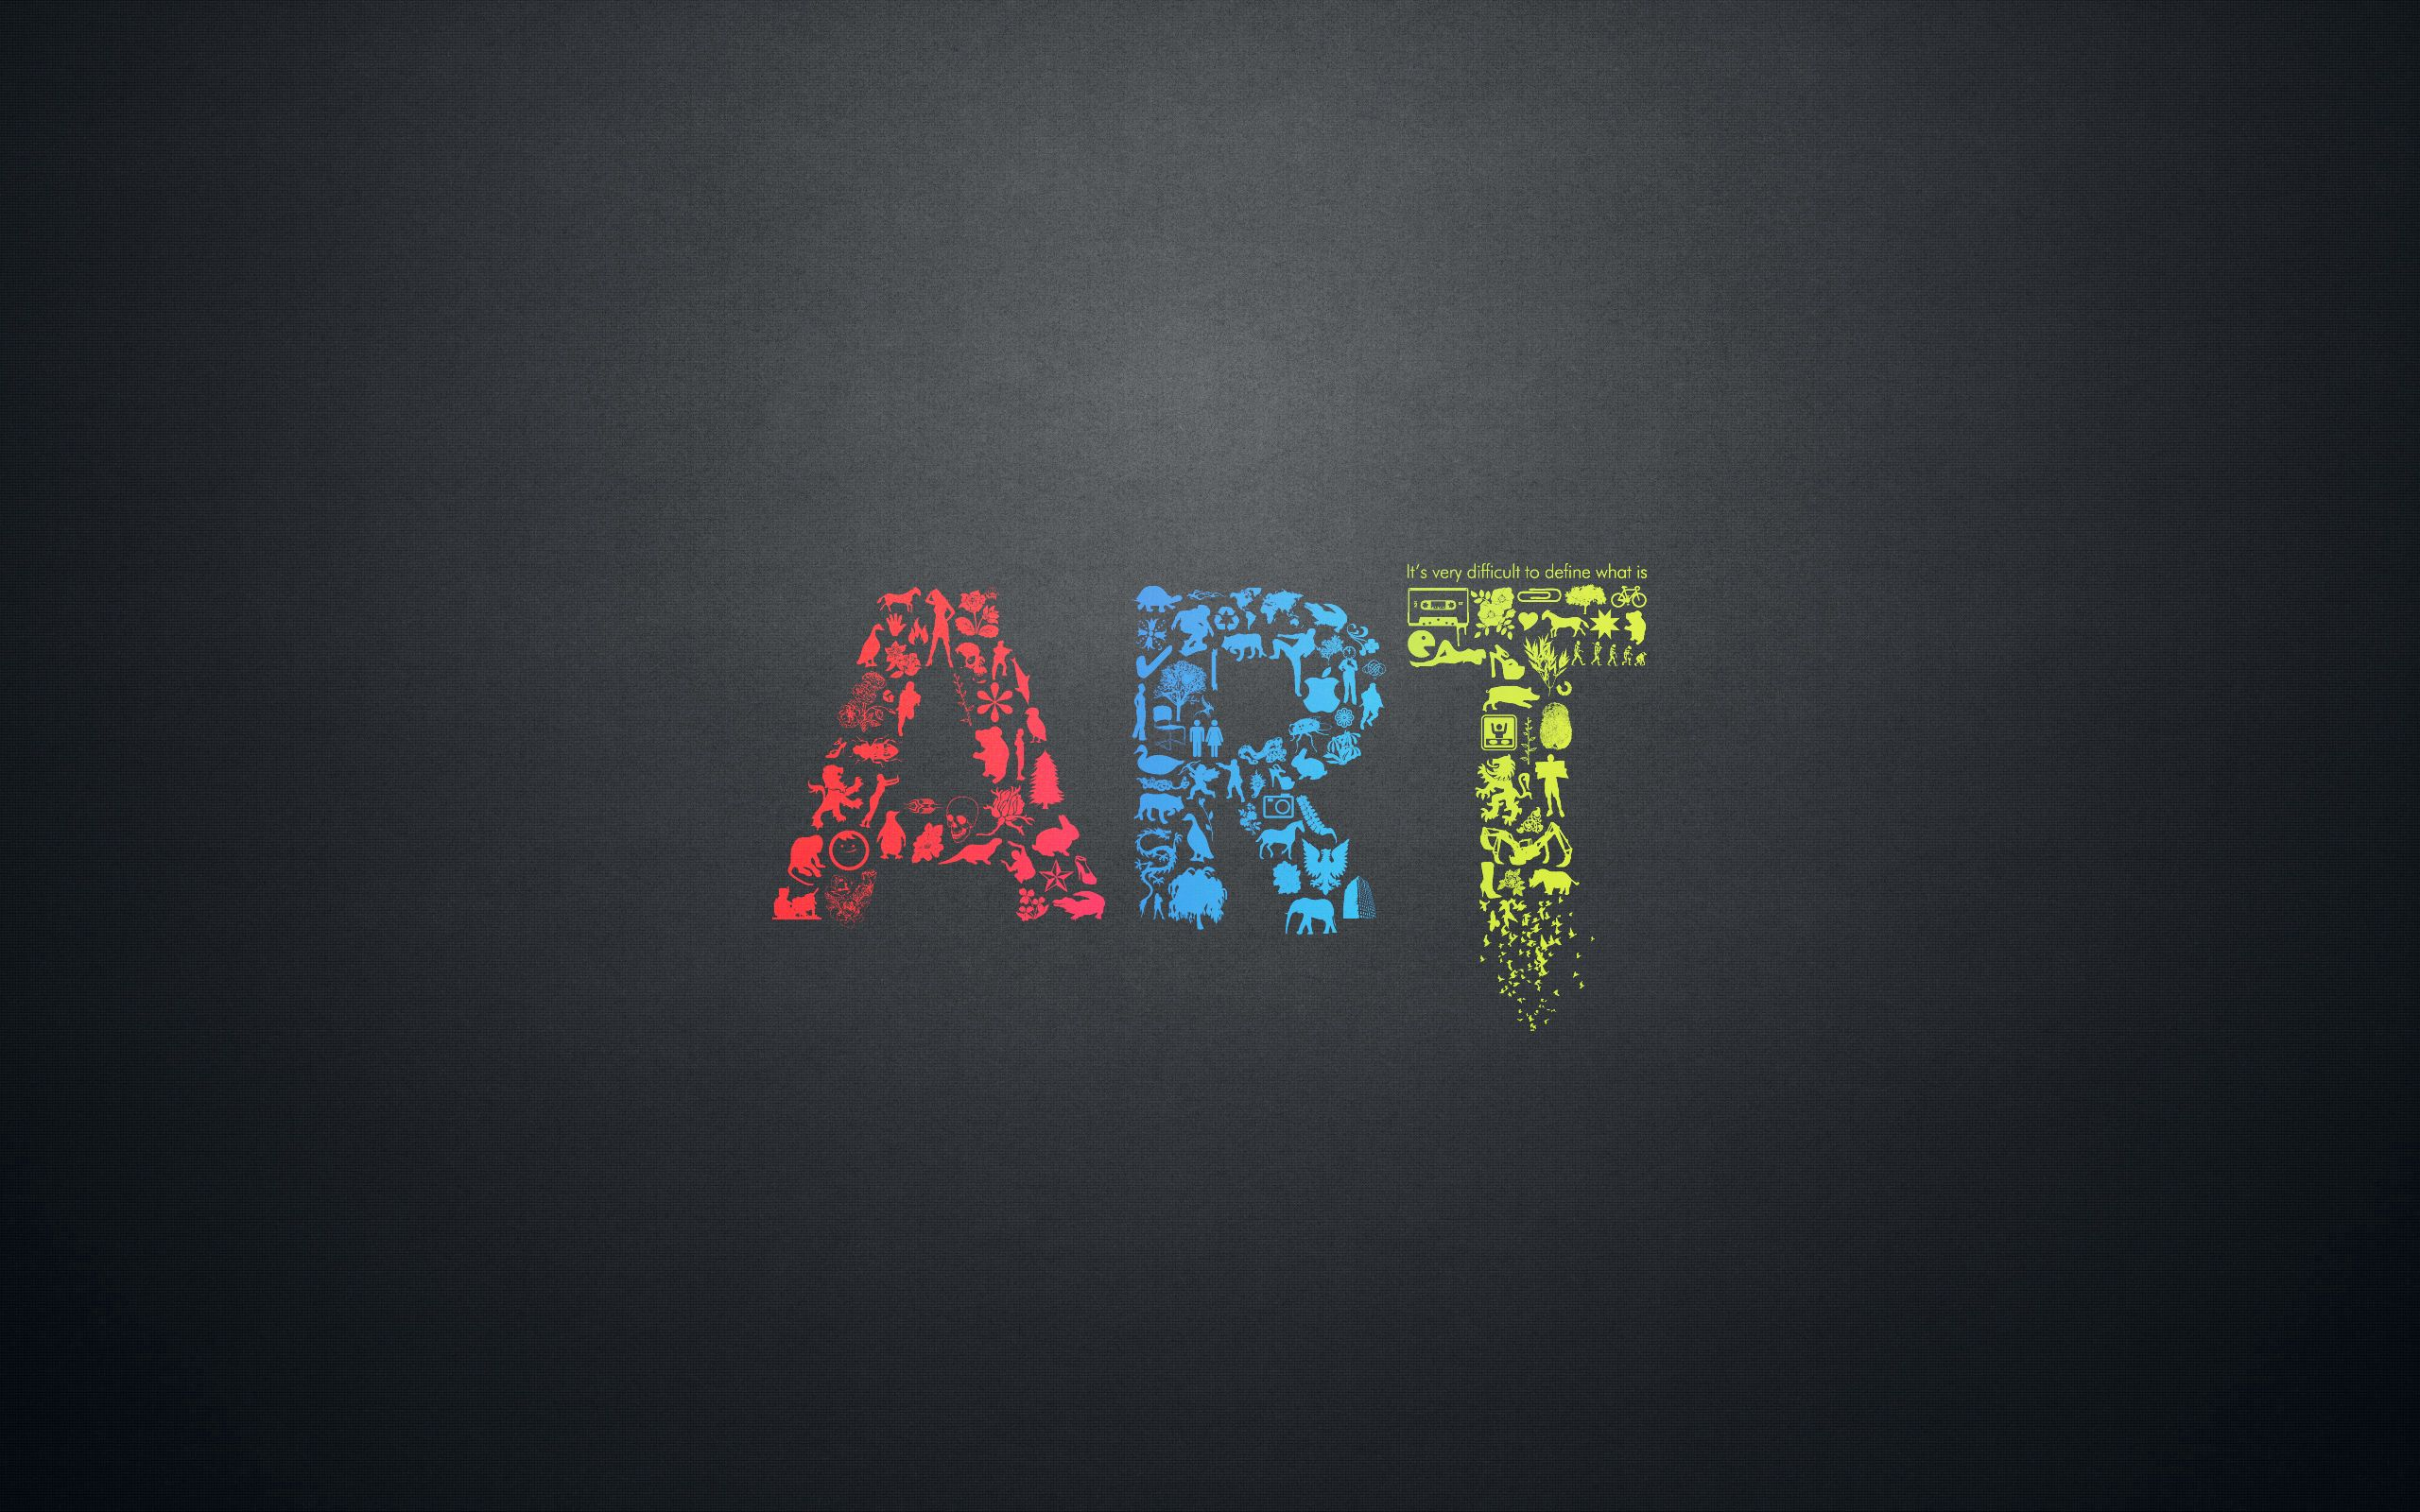 111294 免費下載壁紙 向量, 矢量, 艺术, 题词, 铭文, 信件, 字母, 有创造力的, 创意, 极简主义 屏保和圖片